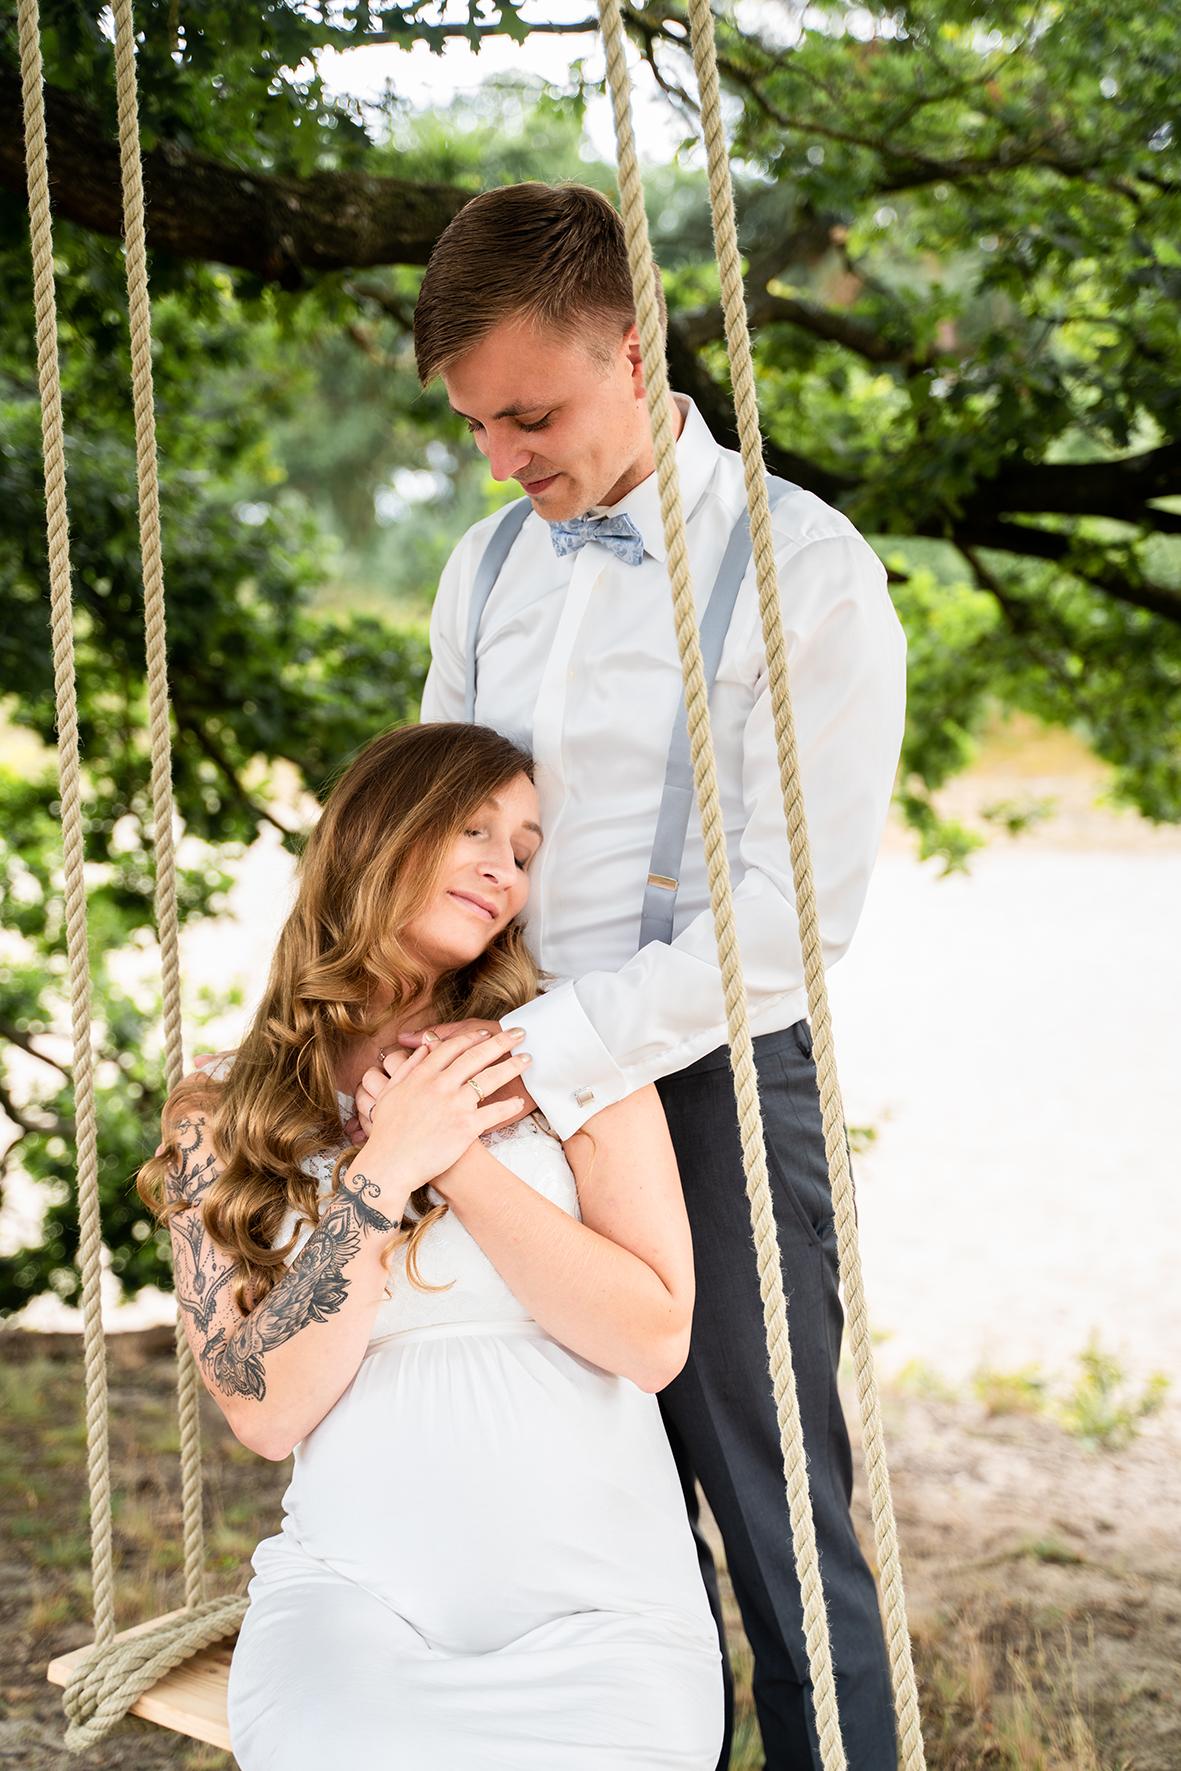 Hochzeitsfotografin bremen Babybauchshooting auf der Schaukel